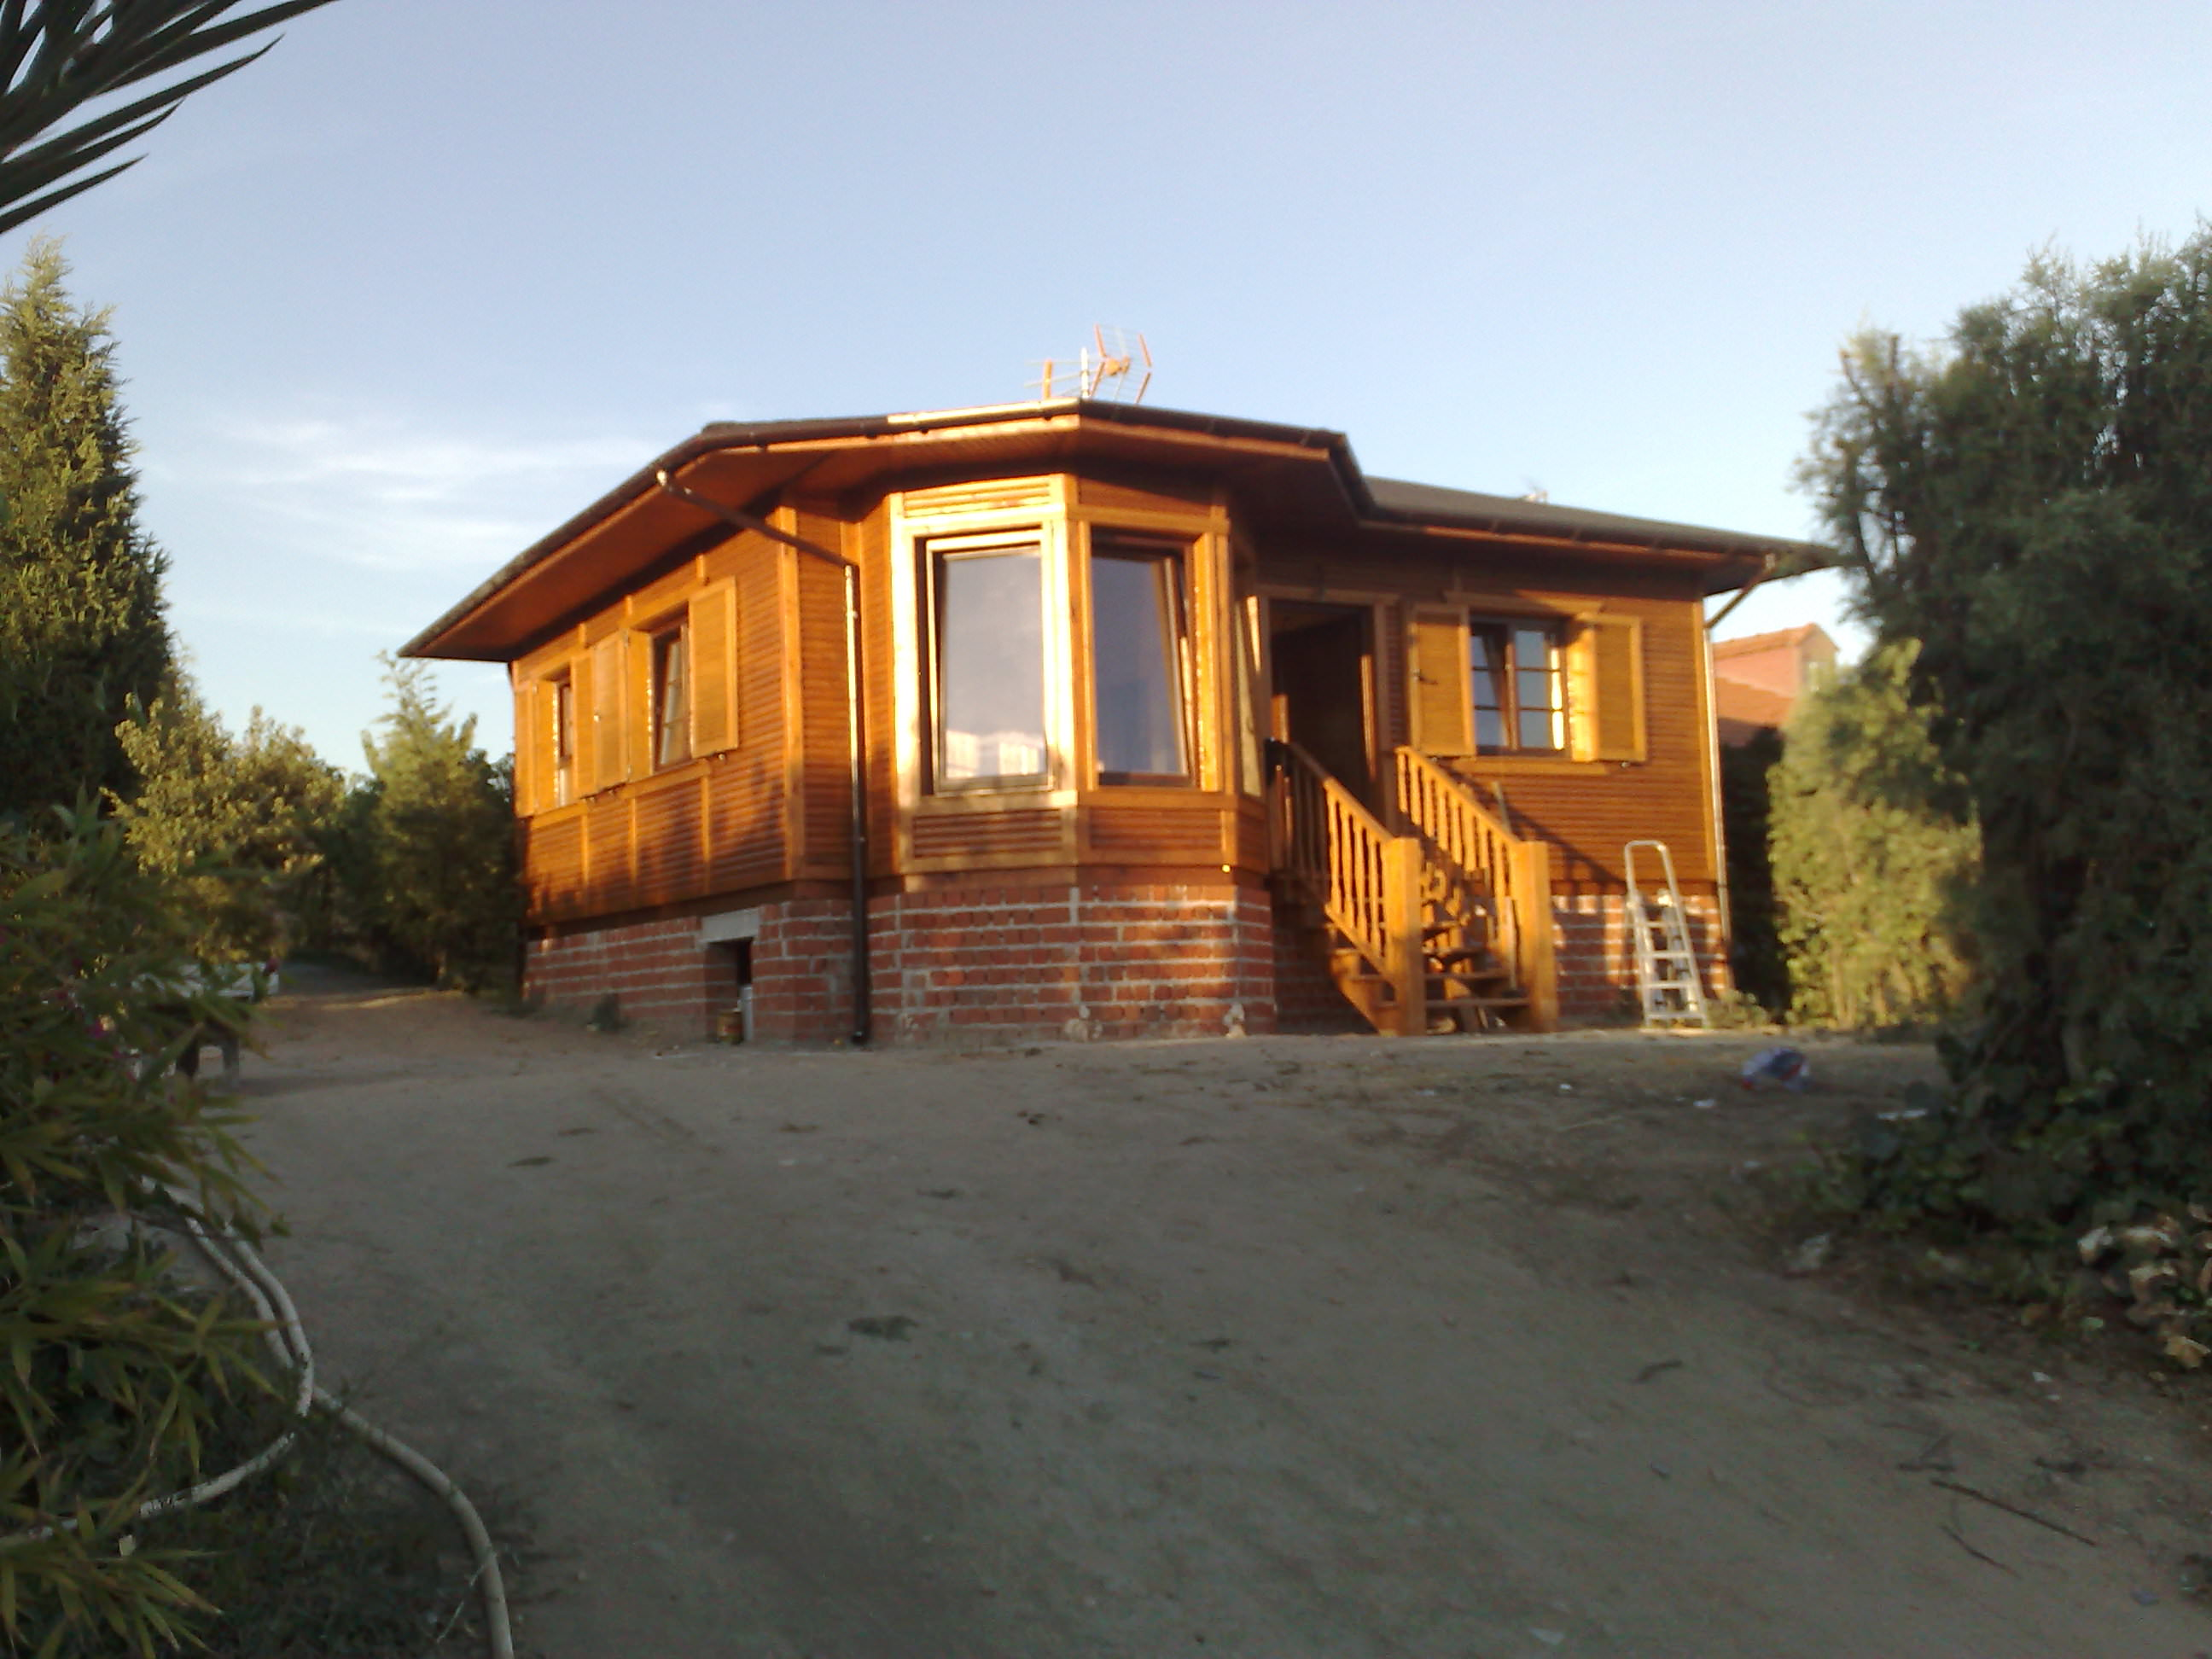 Precio de comprar casa de madera prefabricada en madrid - Tocar madera casas ...